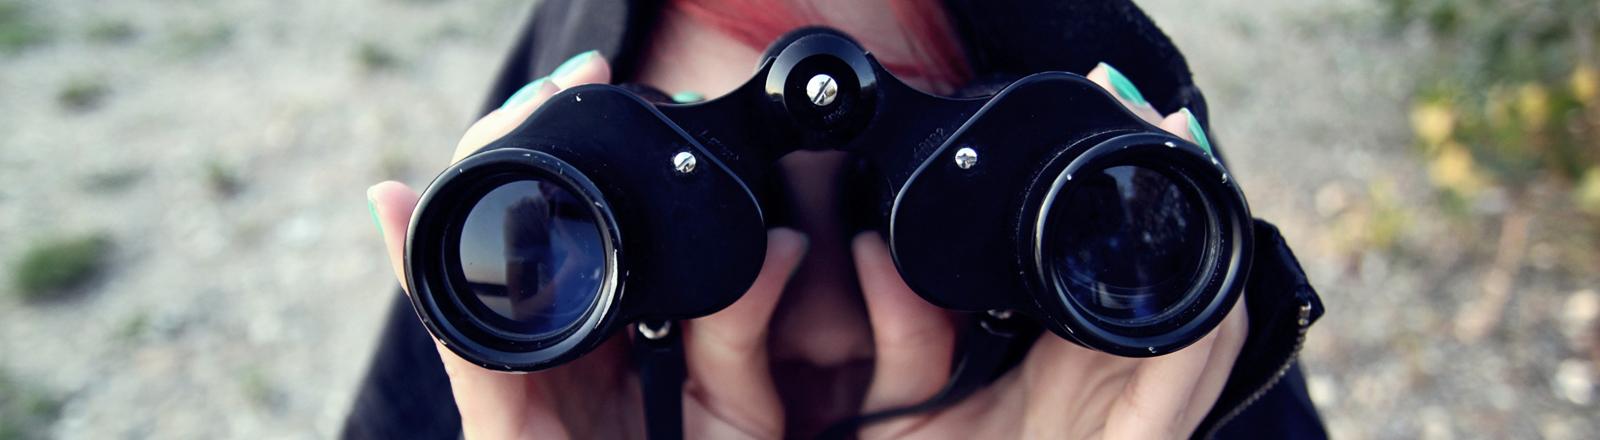 Eine Frau hat eine Decke über den Kopf gezogen und hält mit beiden Händen ein Fernglas an die Augen. Sie hat grün lackierte Fingernägel.